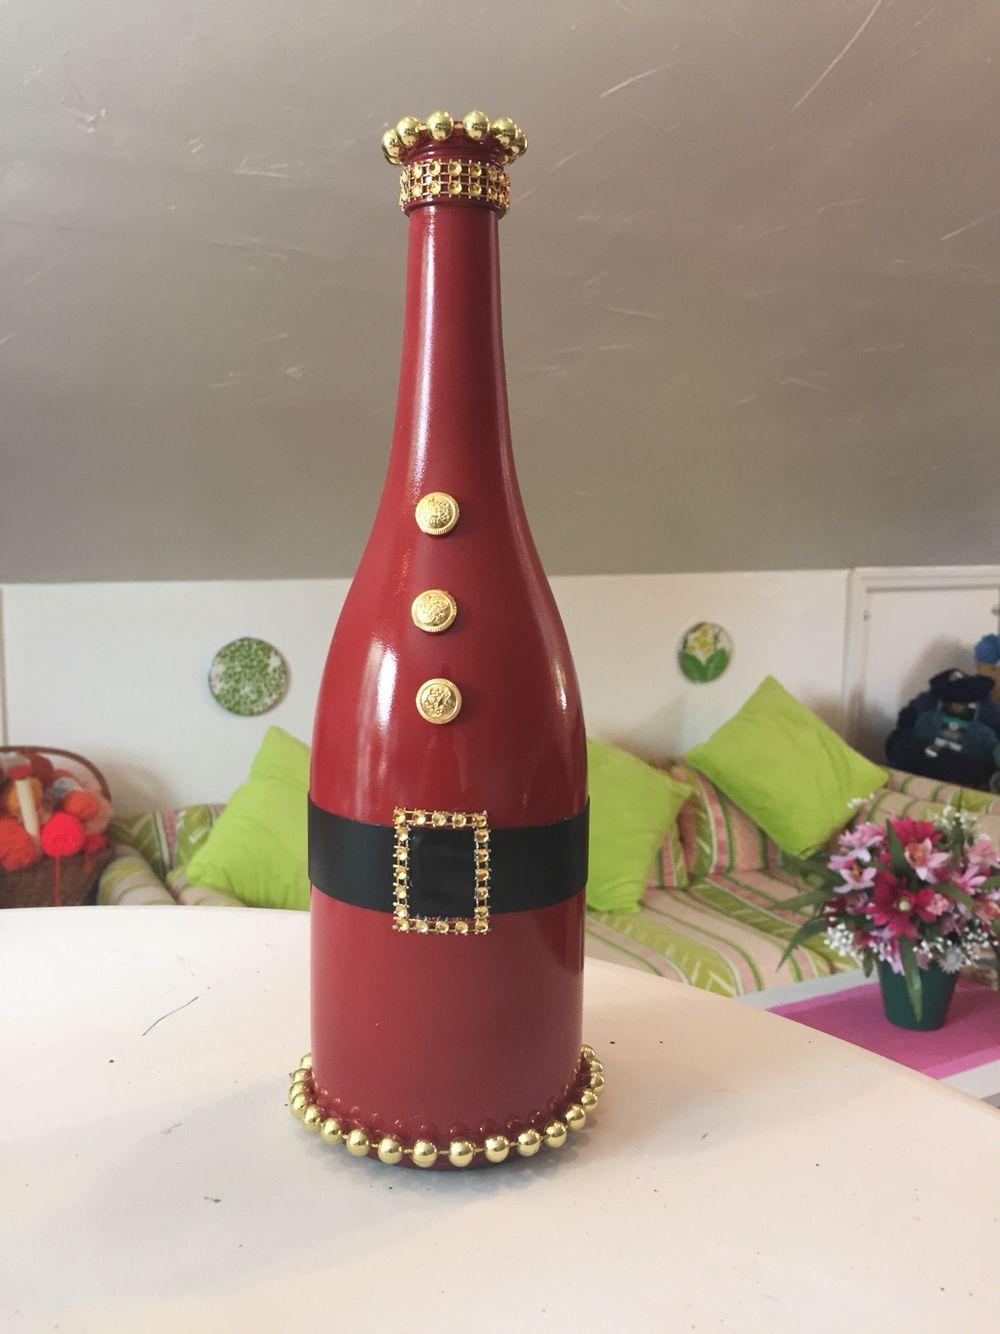 Dyi Recycled Wine Bottle Christmas Decor Remove Label From The Wine Bottle By So Wine Bottle Christmas Decorations Christmas Wine Bottles Bottles Decoration